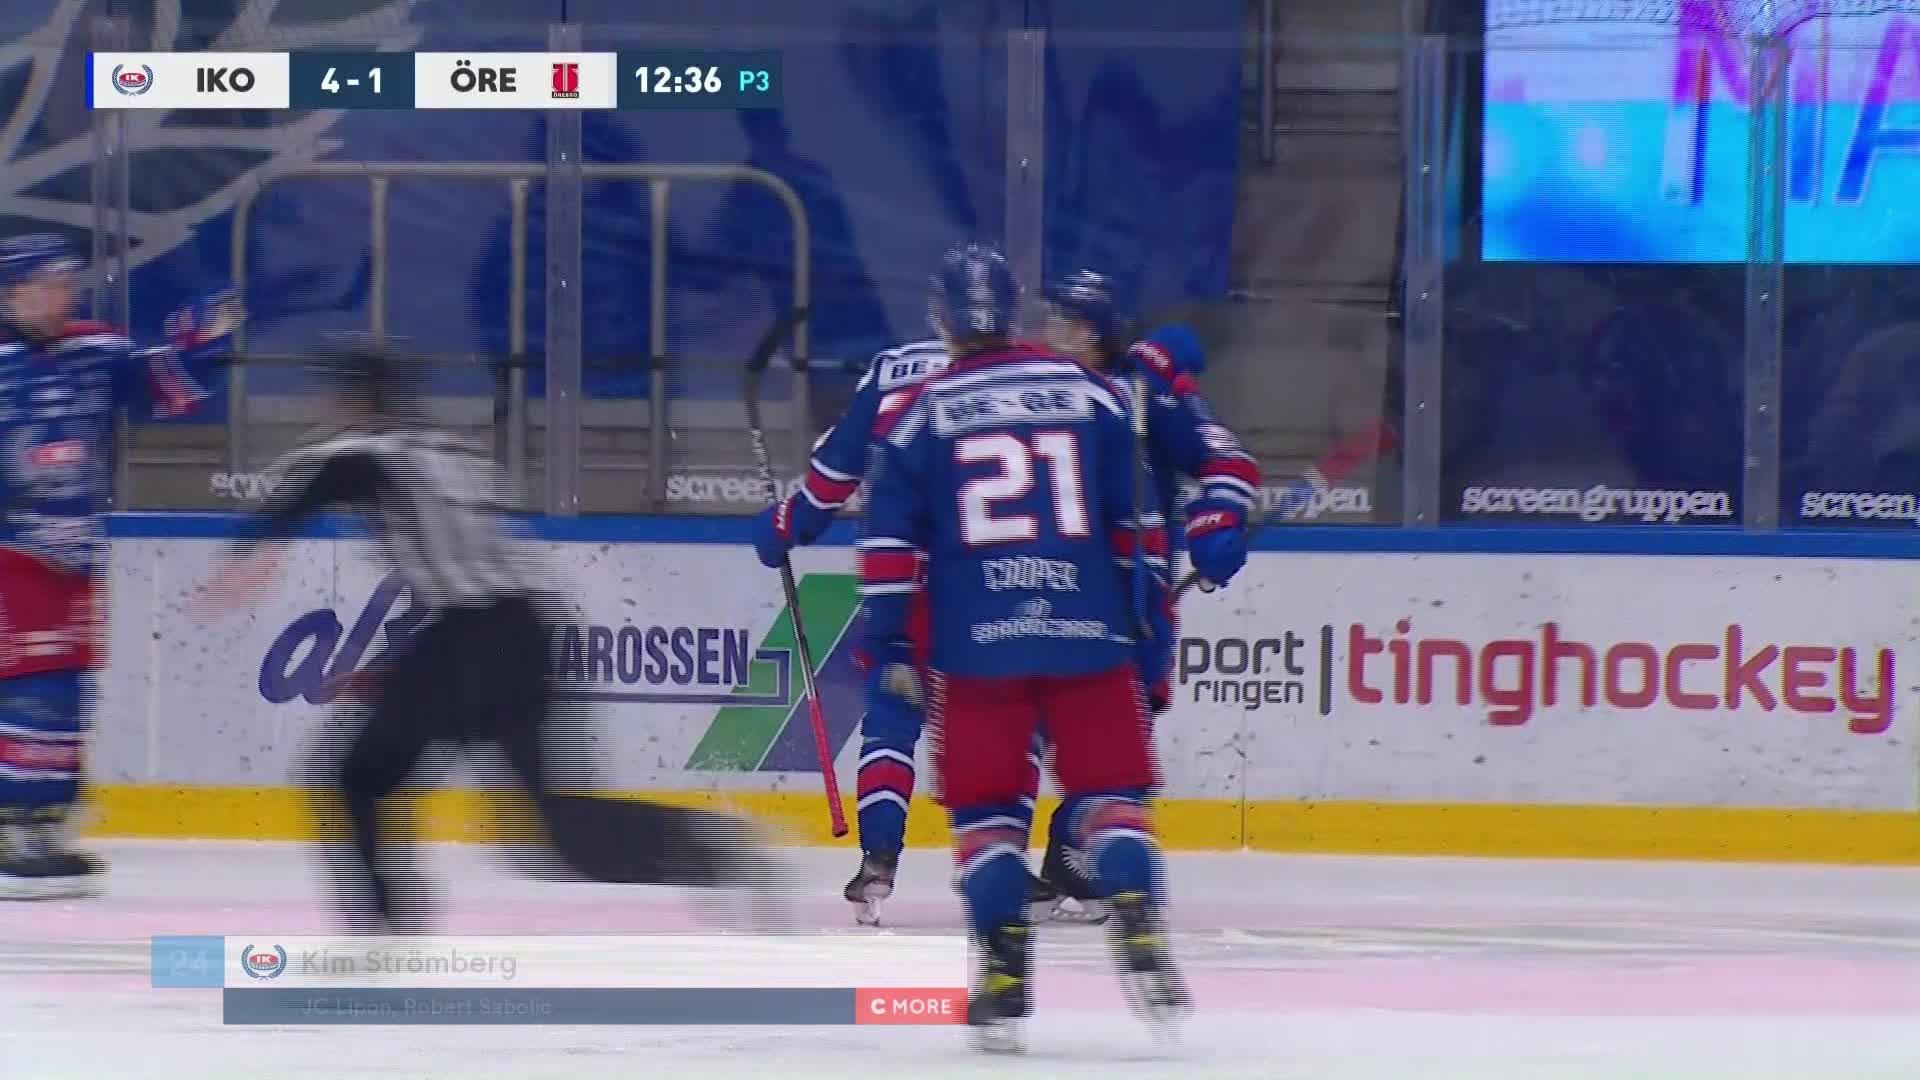 IK Oskarshamn - Örebro Hockey 5-1